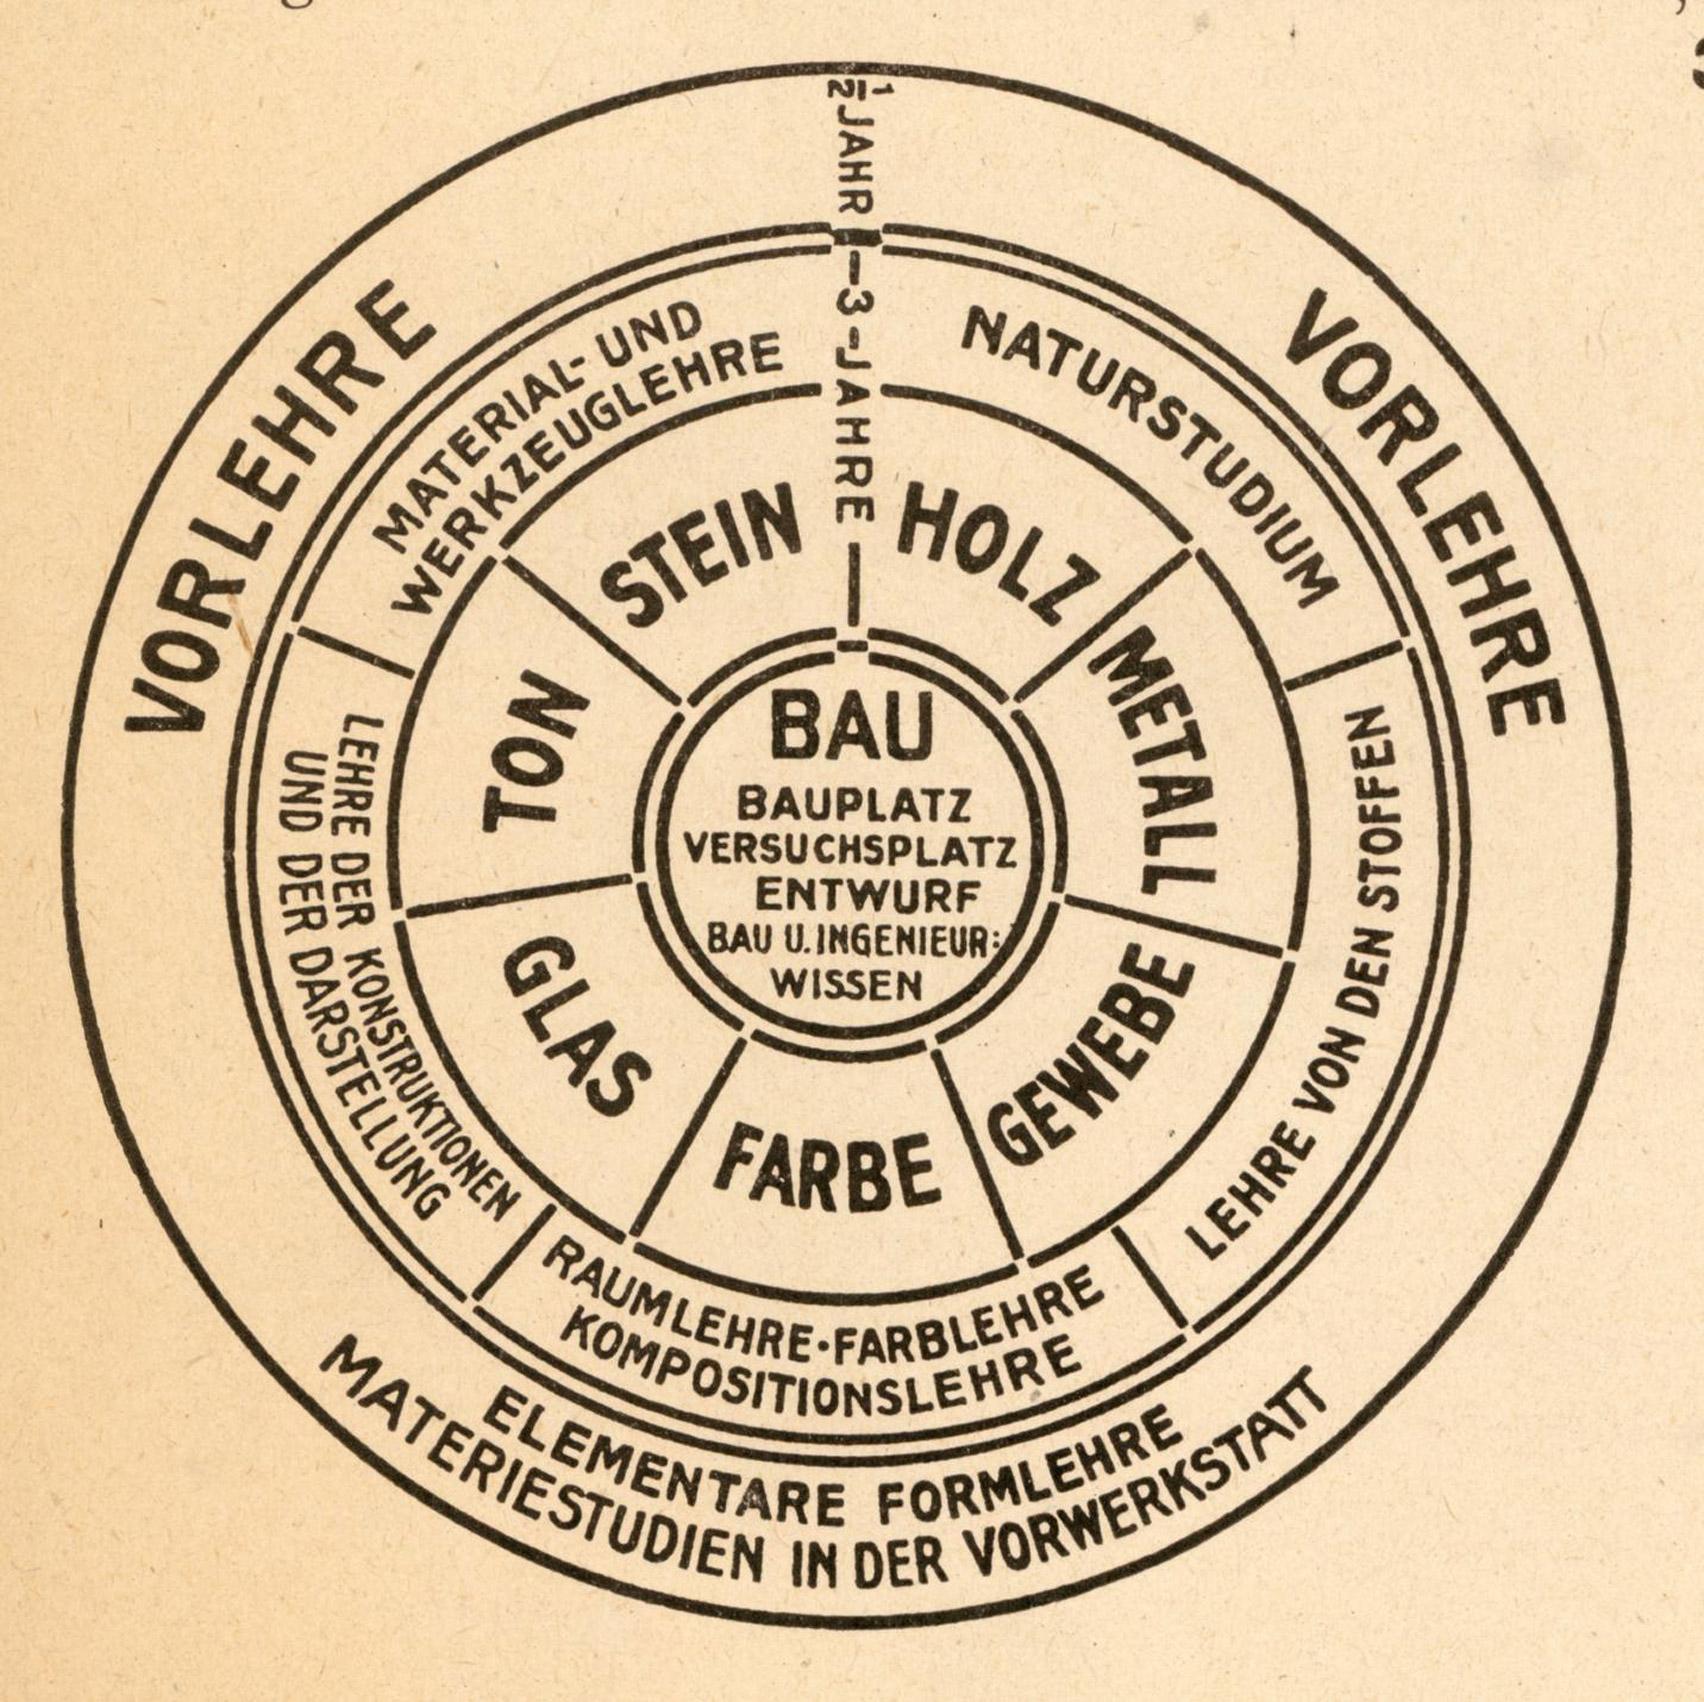 Bauhaus teaching